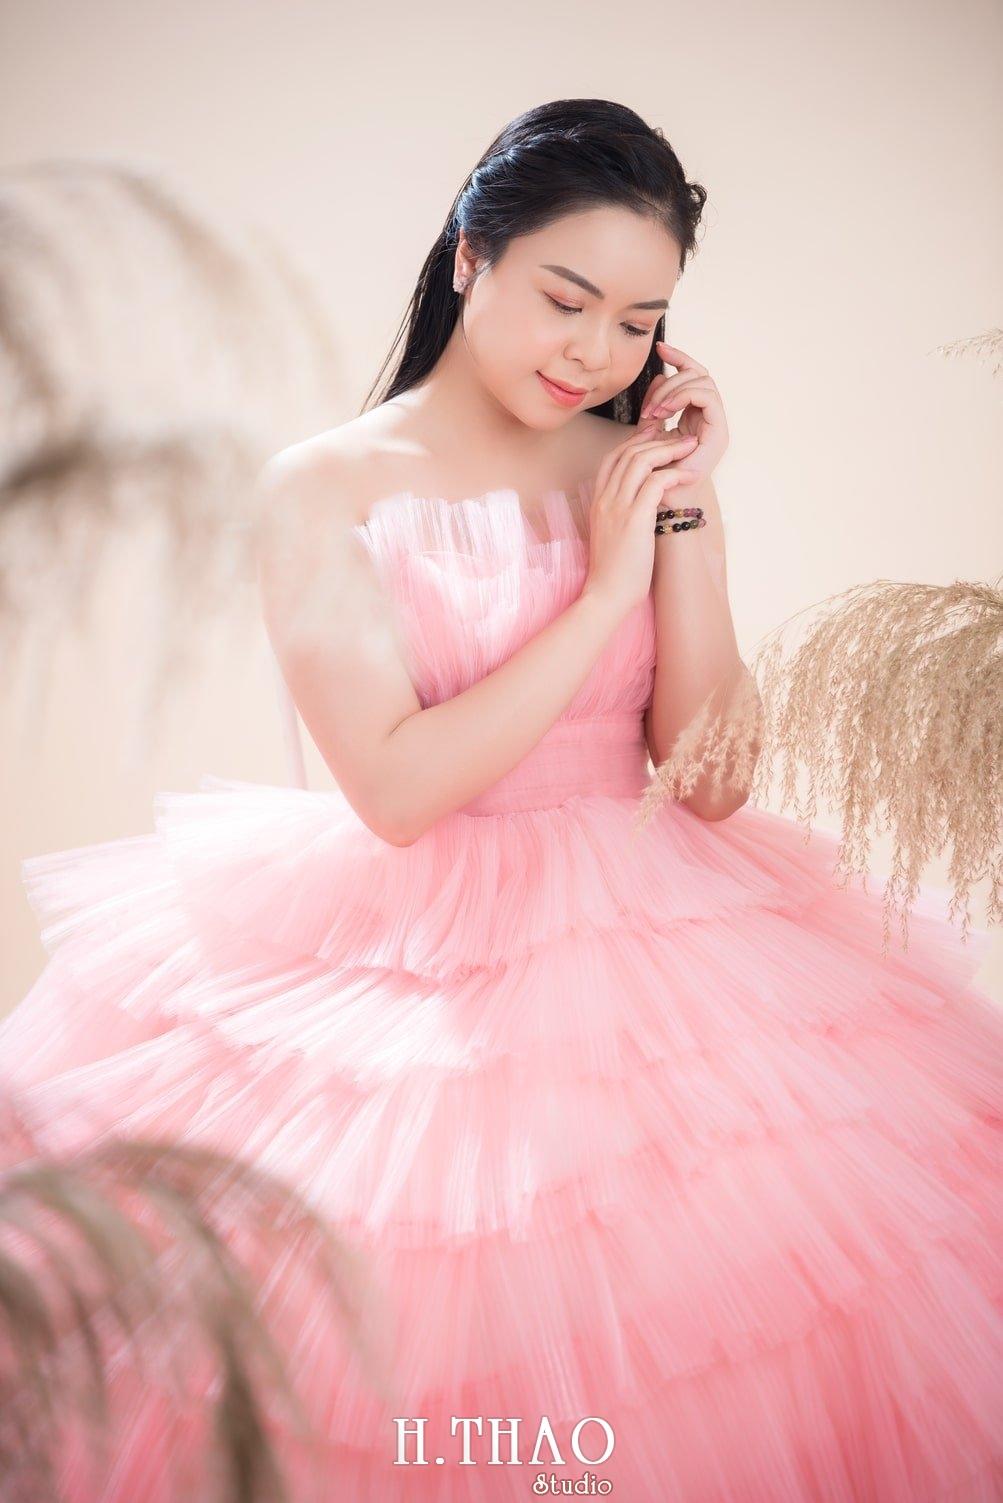 Anh Doanh nhan 27 1 - Báo giá chụp ảnh cá nhân